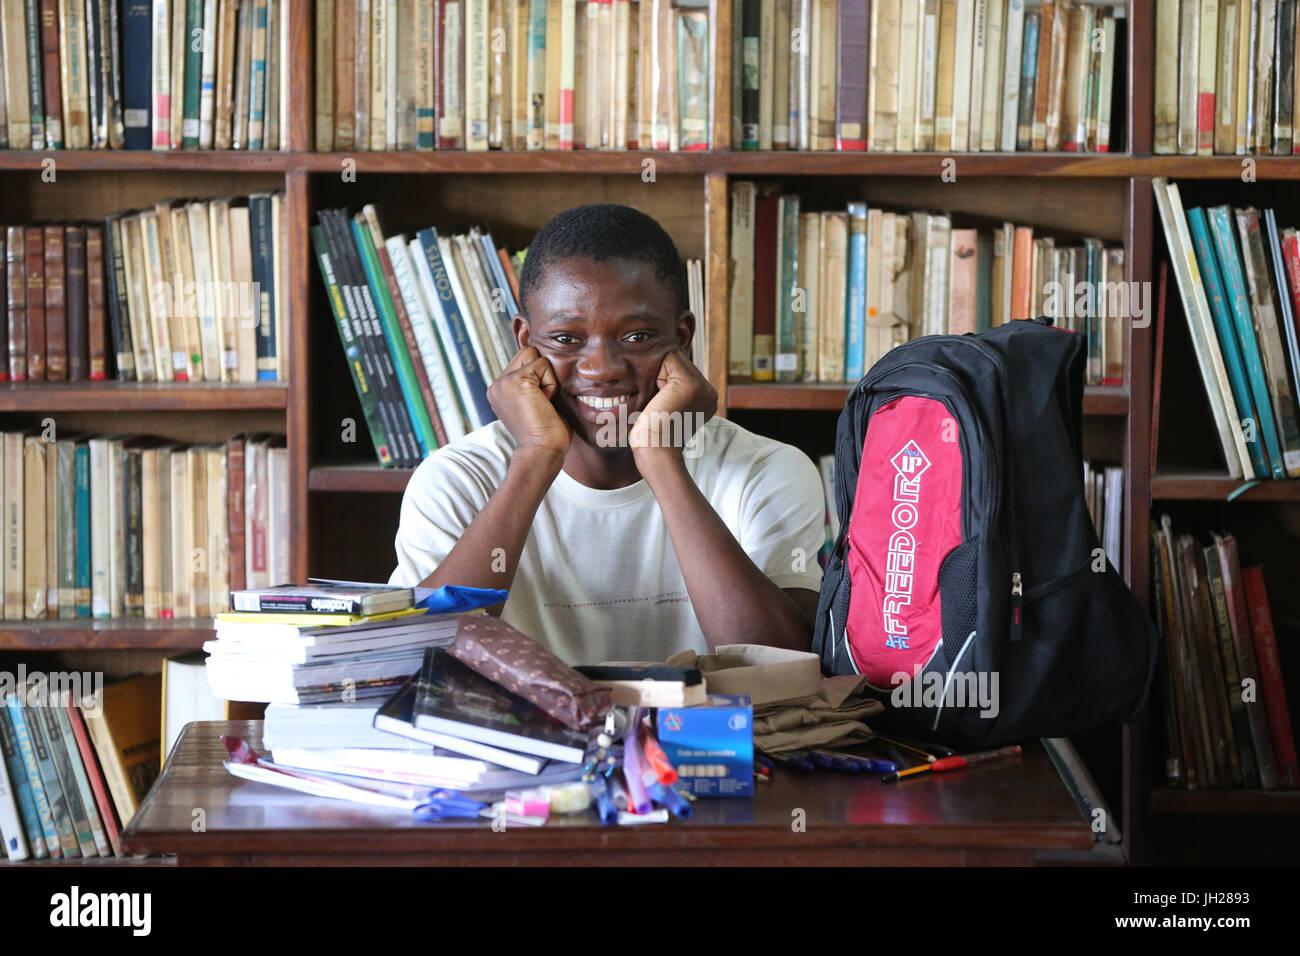 La escuela africana. Niño patrocinado por la ONG francesa : la Chaine de l'Espoir. Lome. Togo. Foto de stock